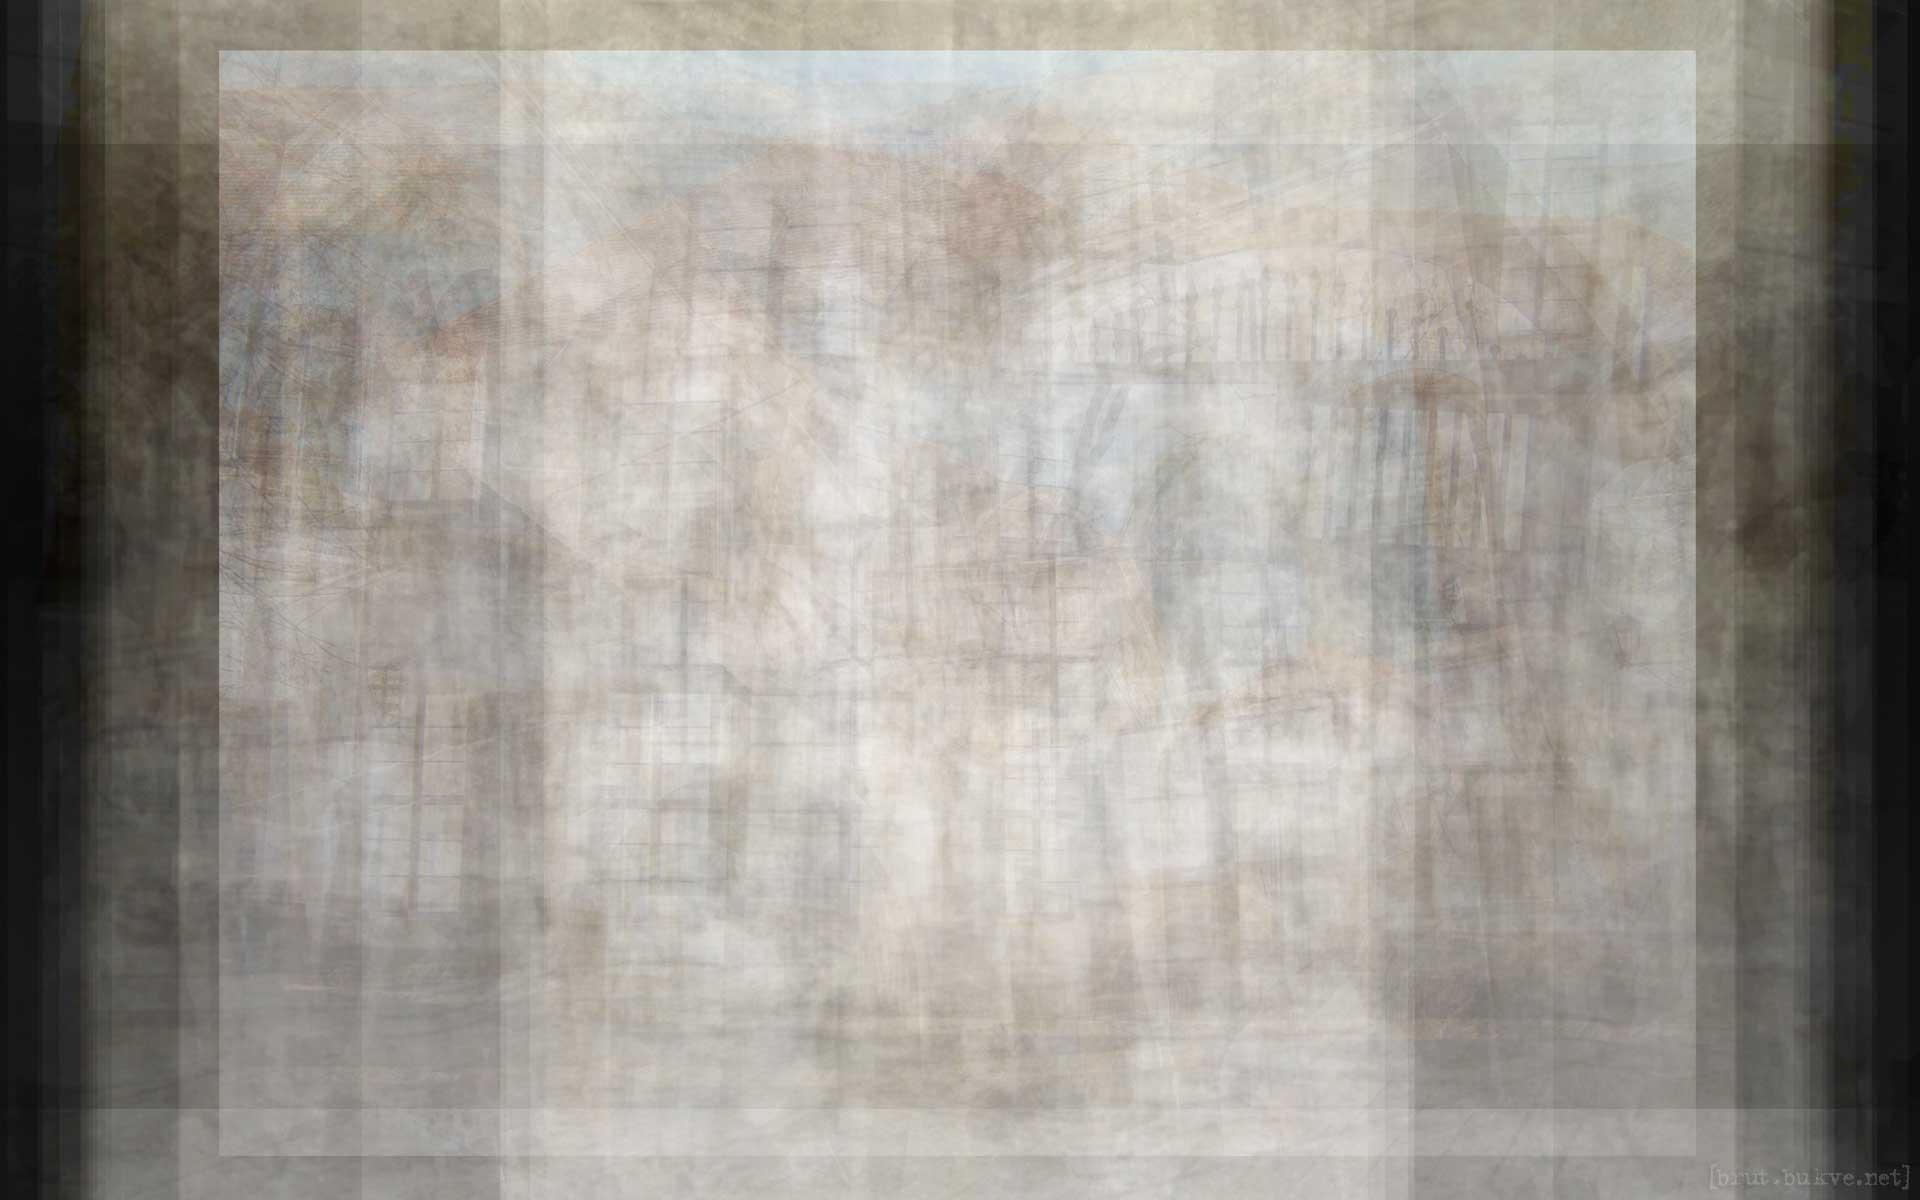 железо, обои, металлические, скачать фото, metal wallpaper background